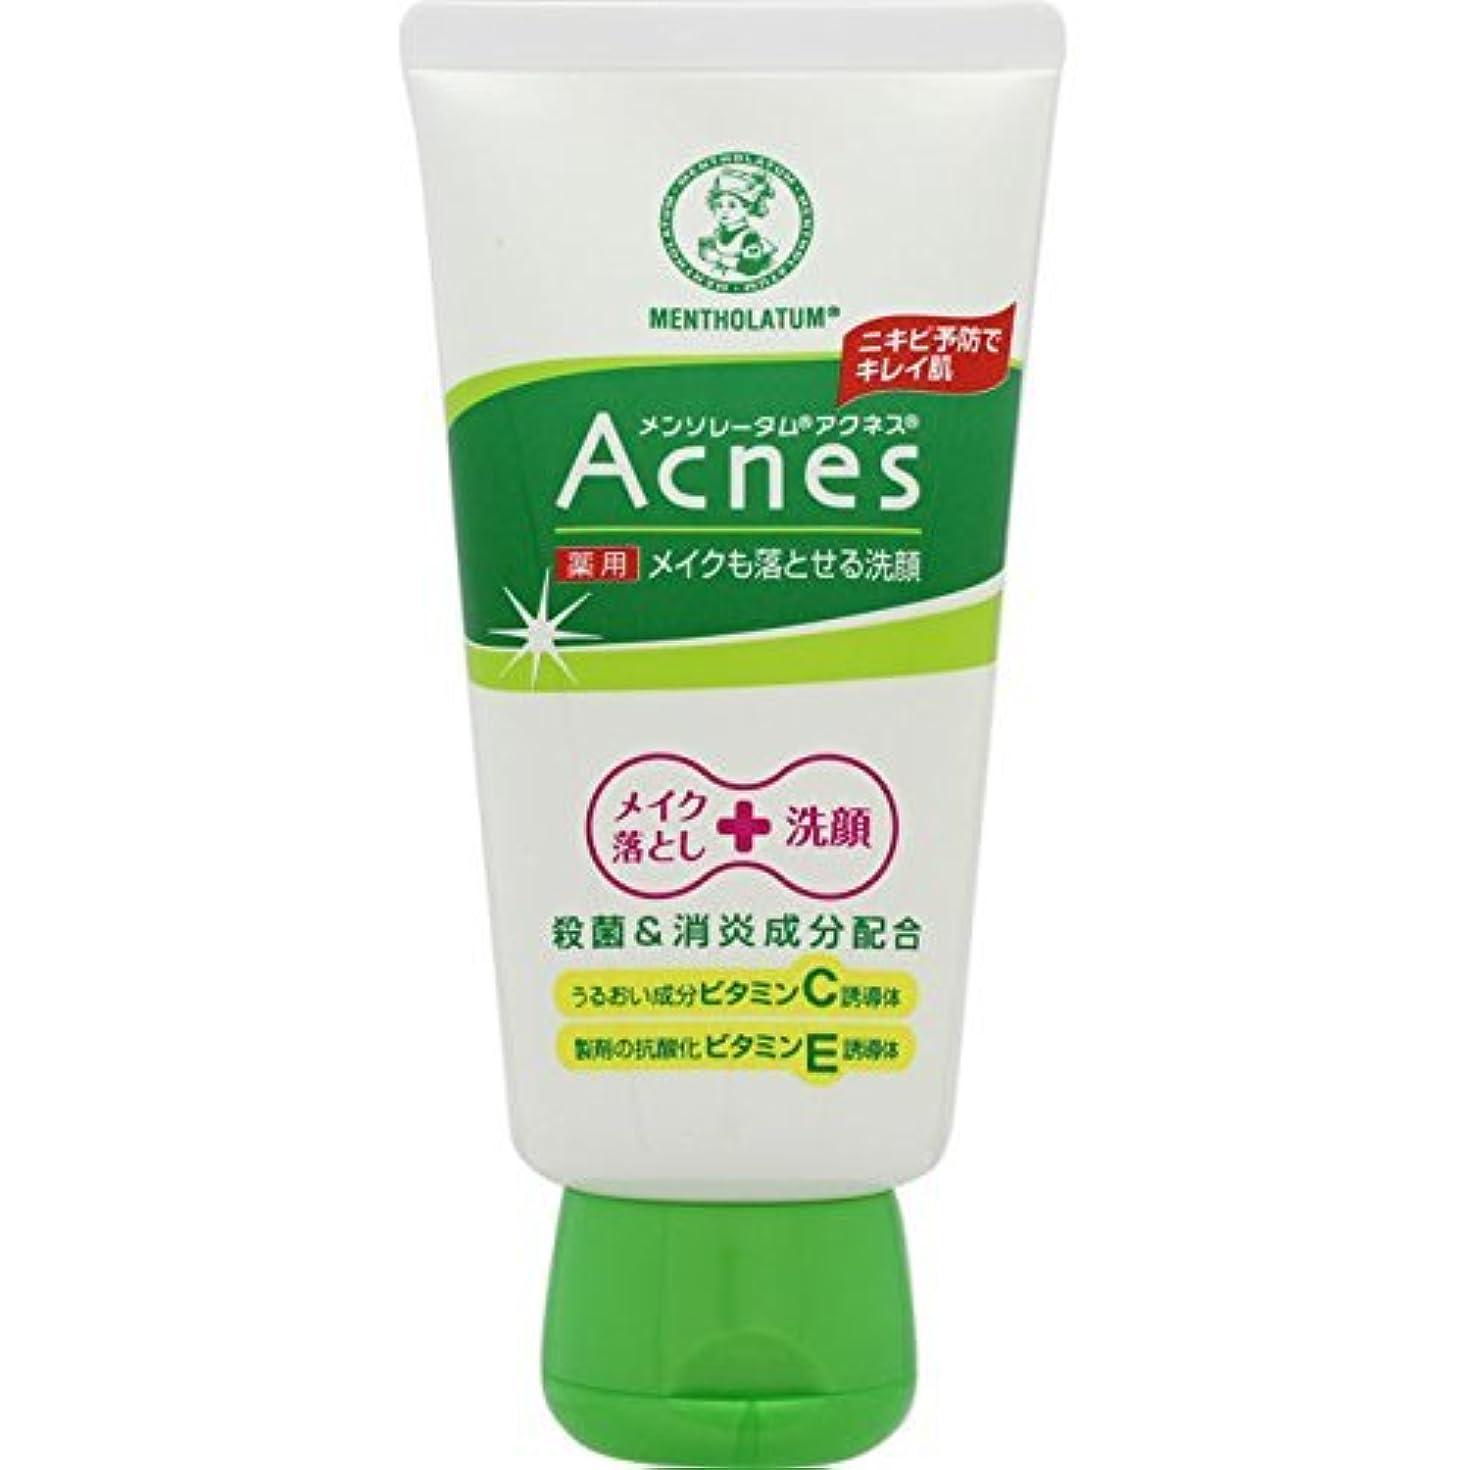 コンドーム続編本気Acnes(アクネス) 薬用メイクも落とせる洗顔 130g【医薬部外品】